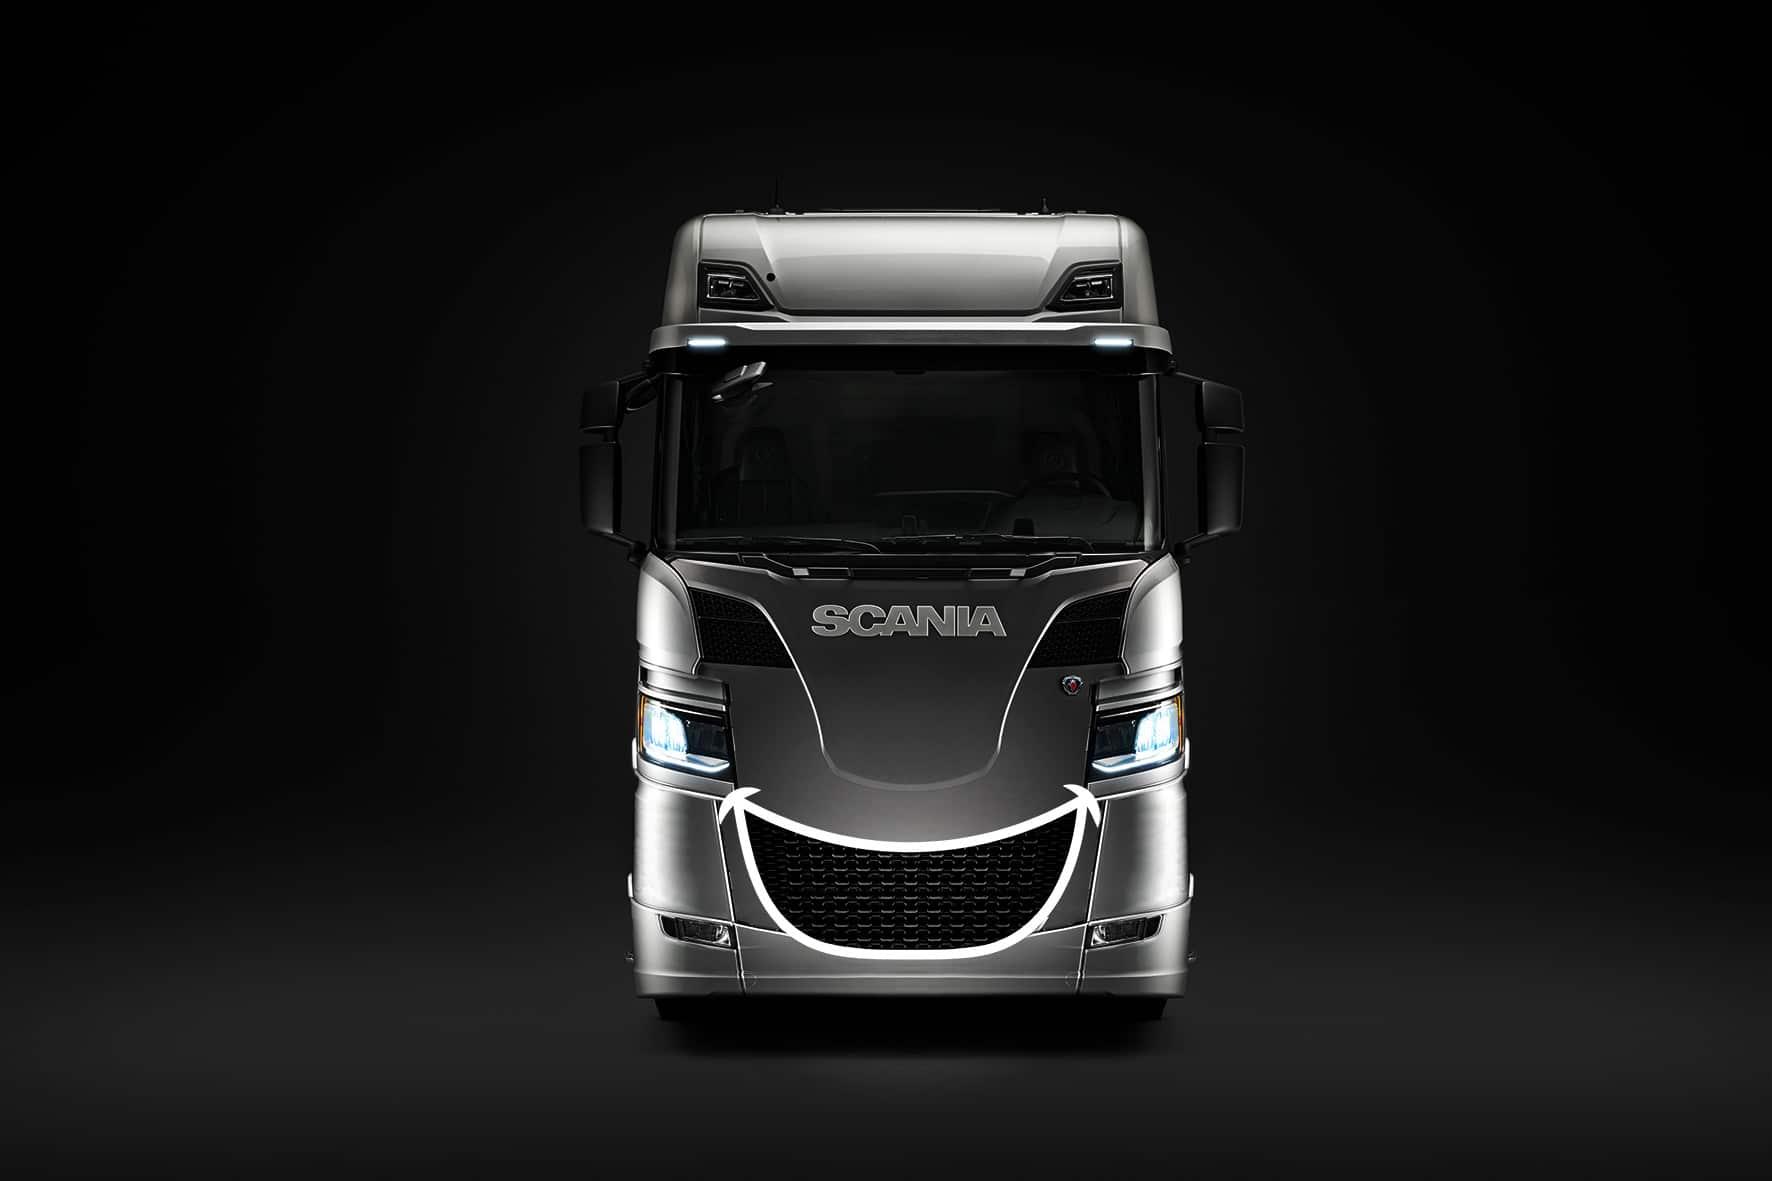 Le camion sourire par Scania